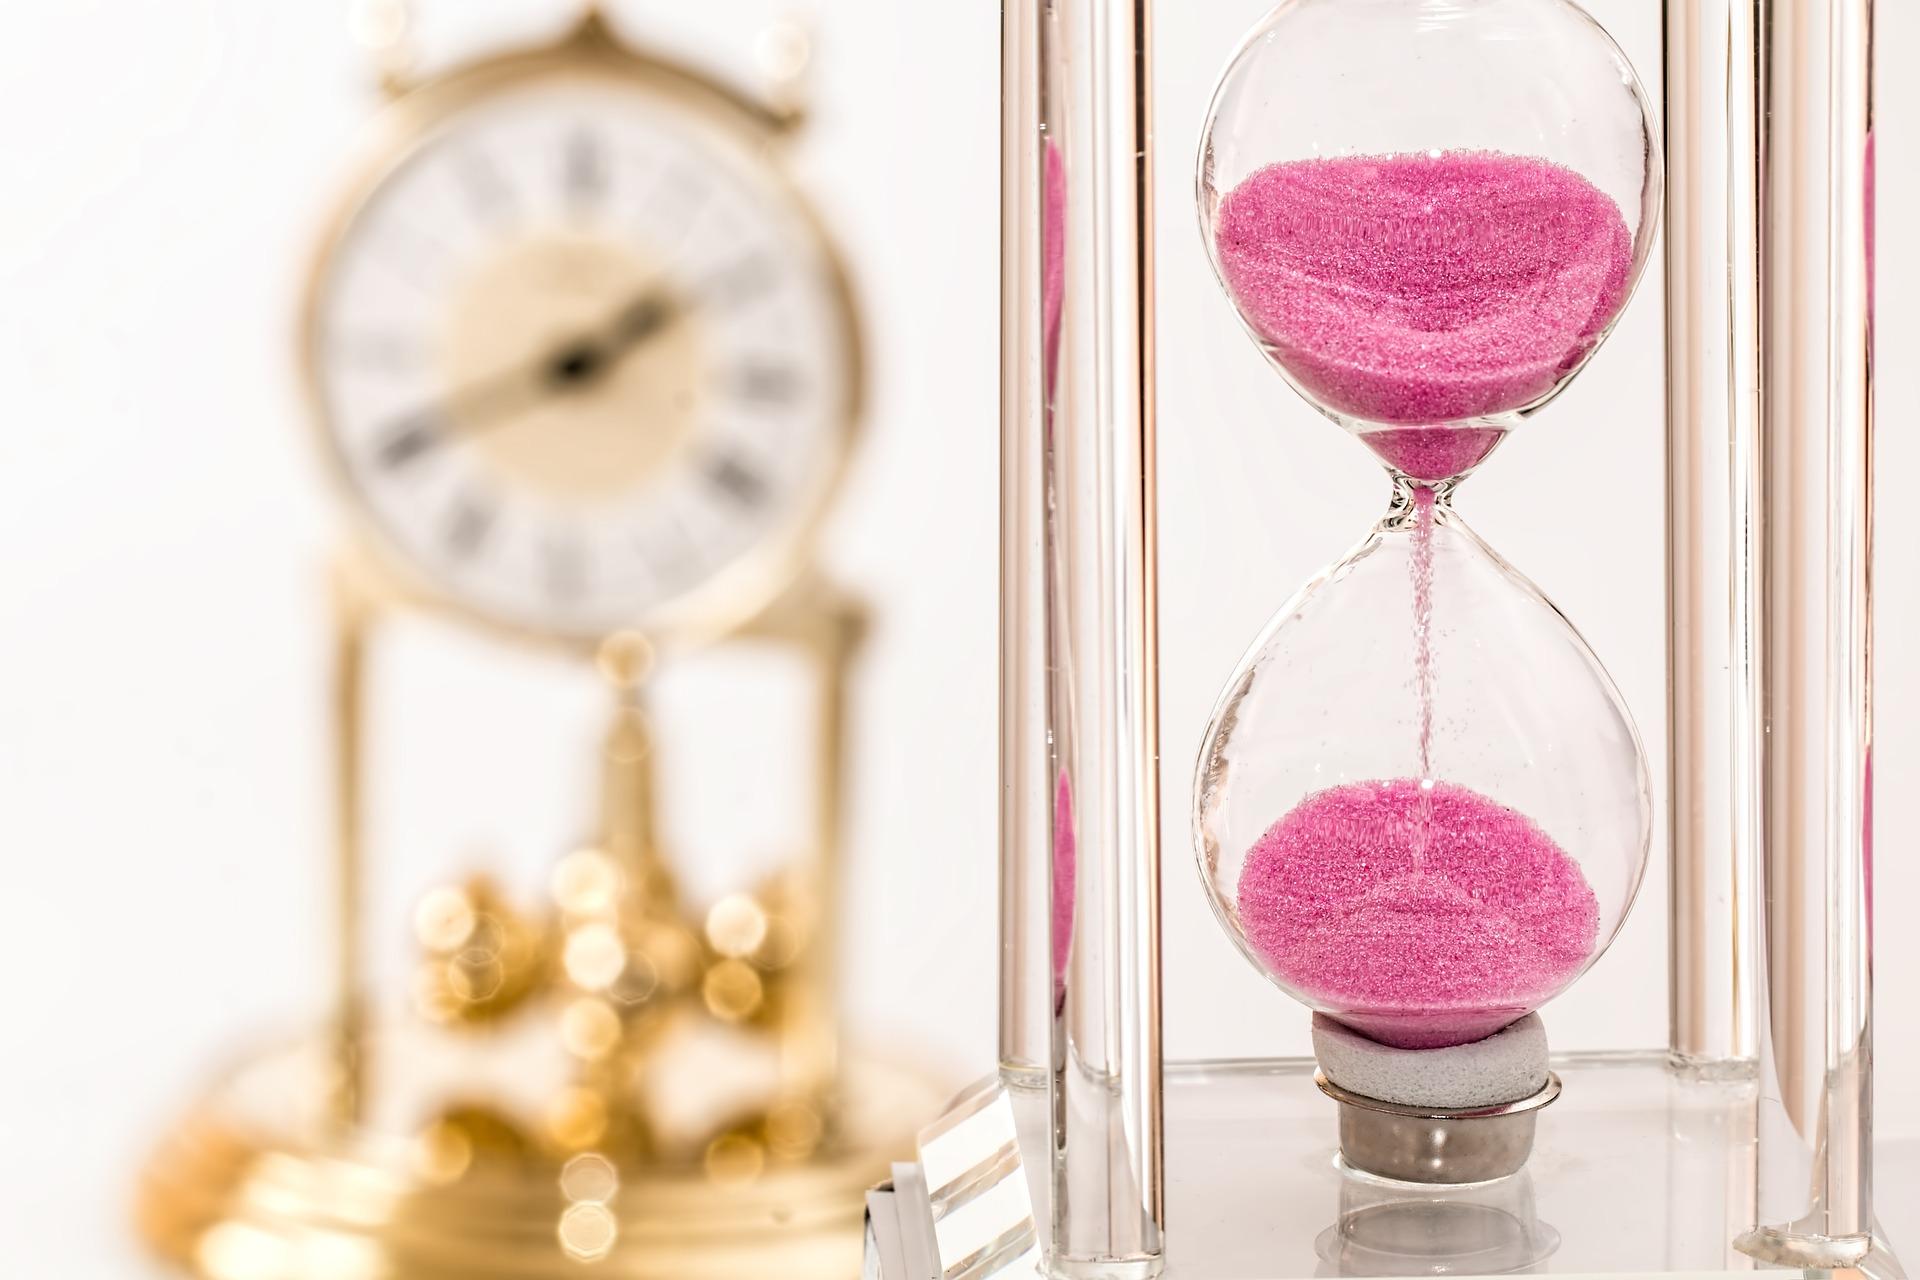 gestion-de-tiempo